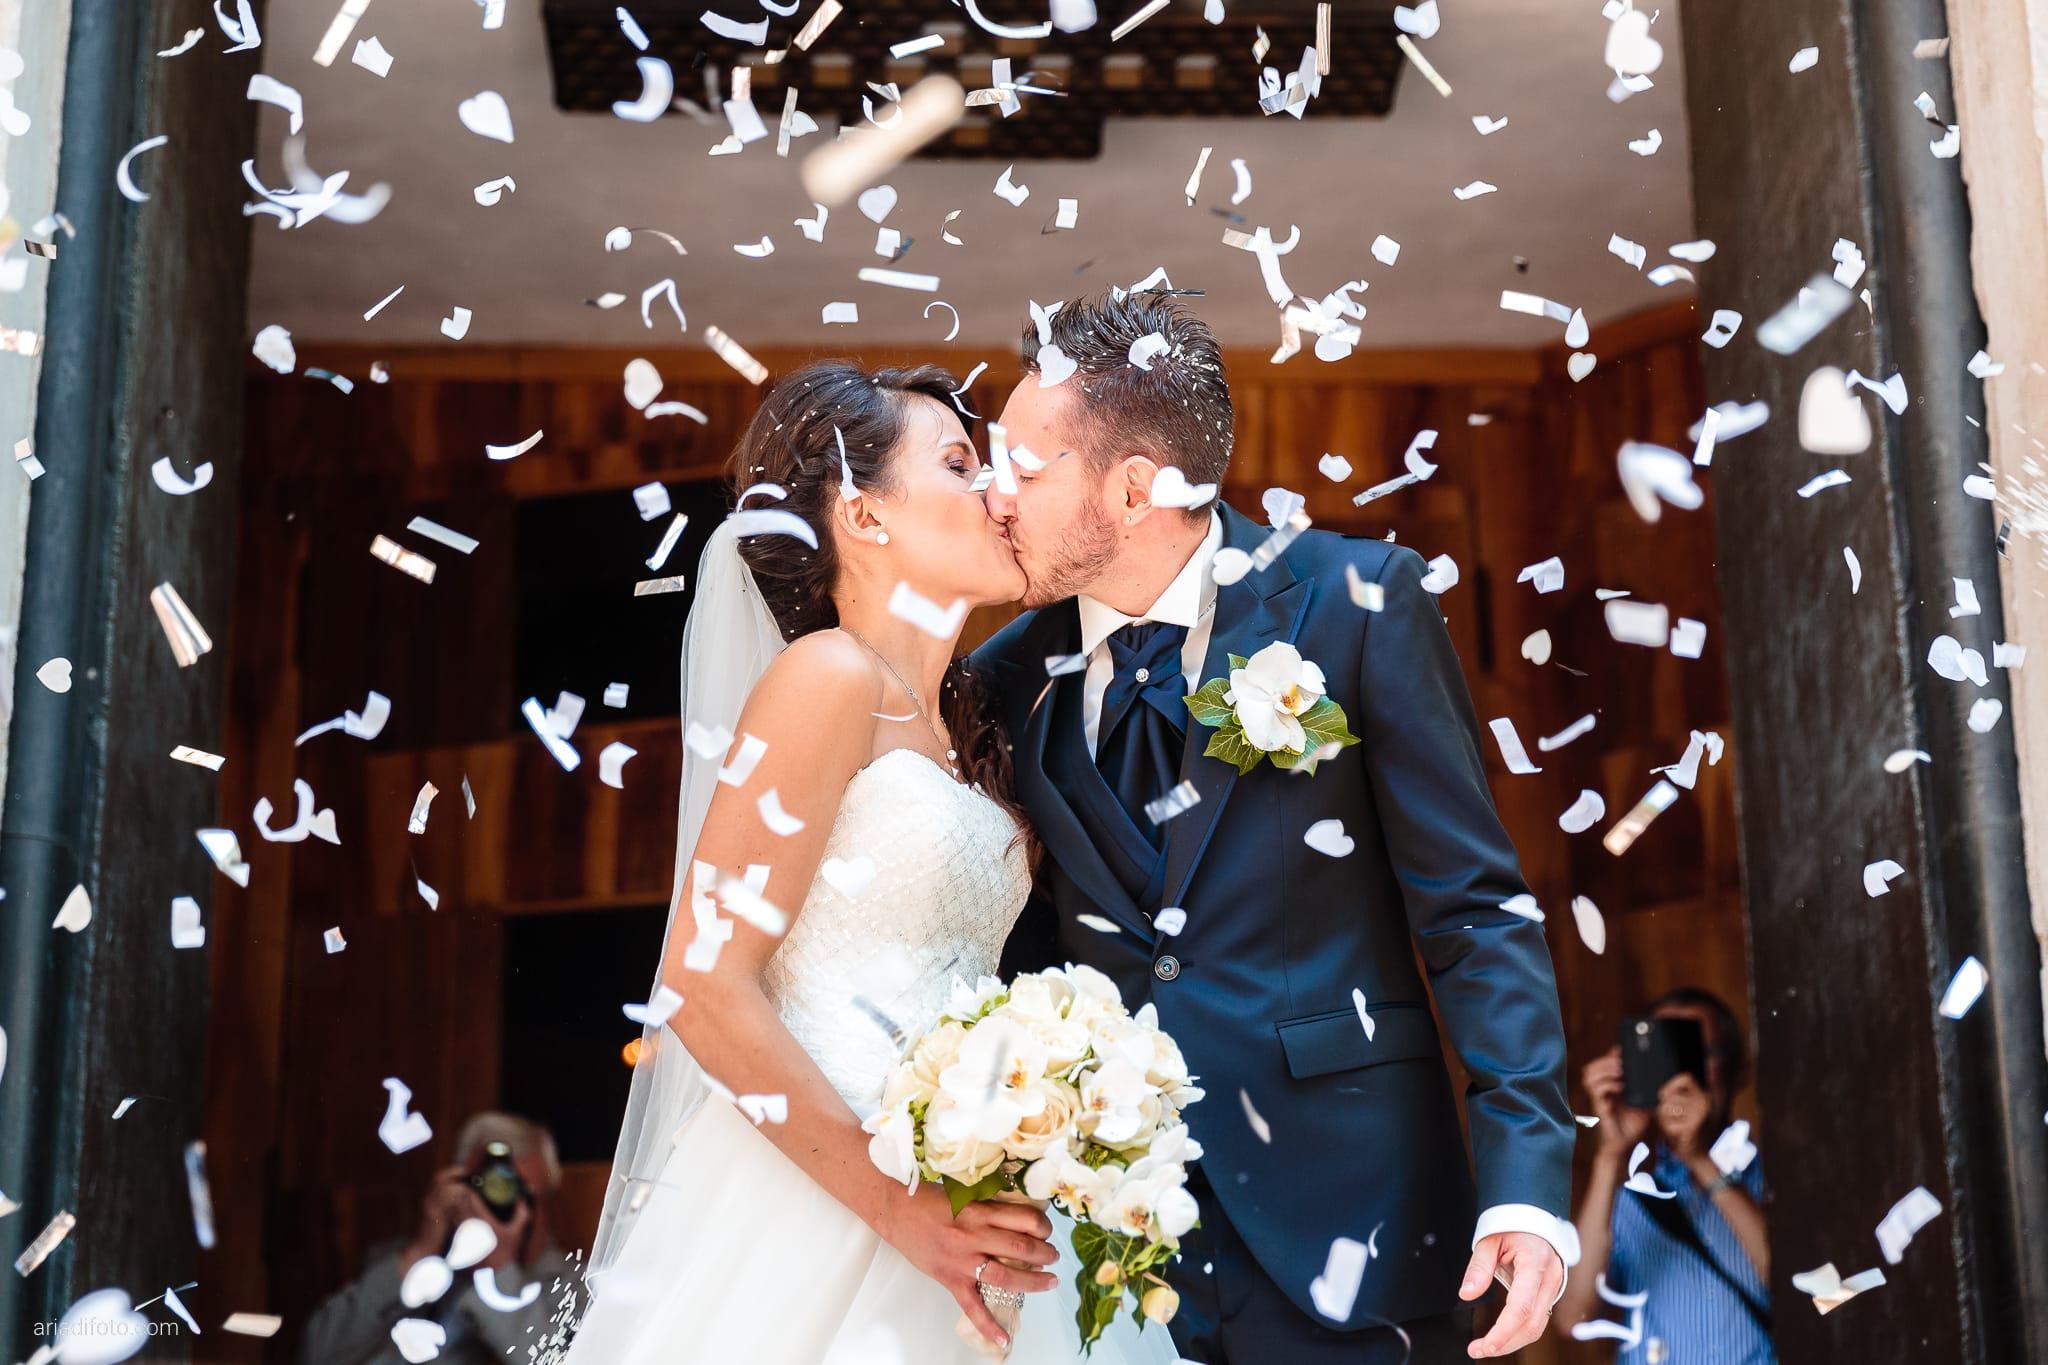 Mariarita Matteo Matrimonio Trieste Villa Attems Cernozza Postcastro Lucinico Gorizia lancio del riso